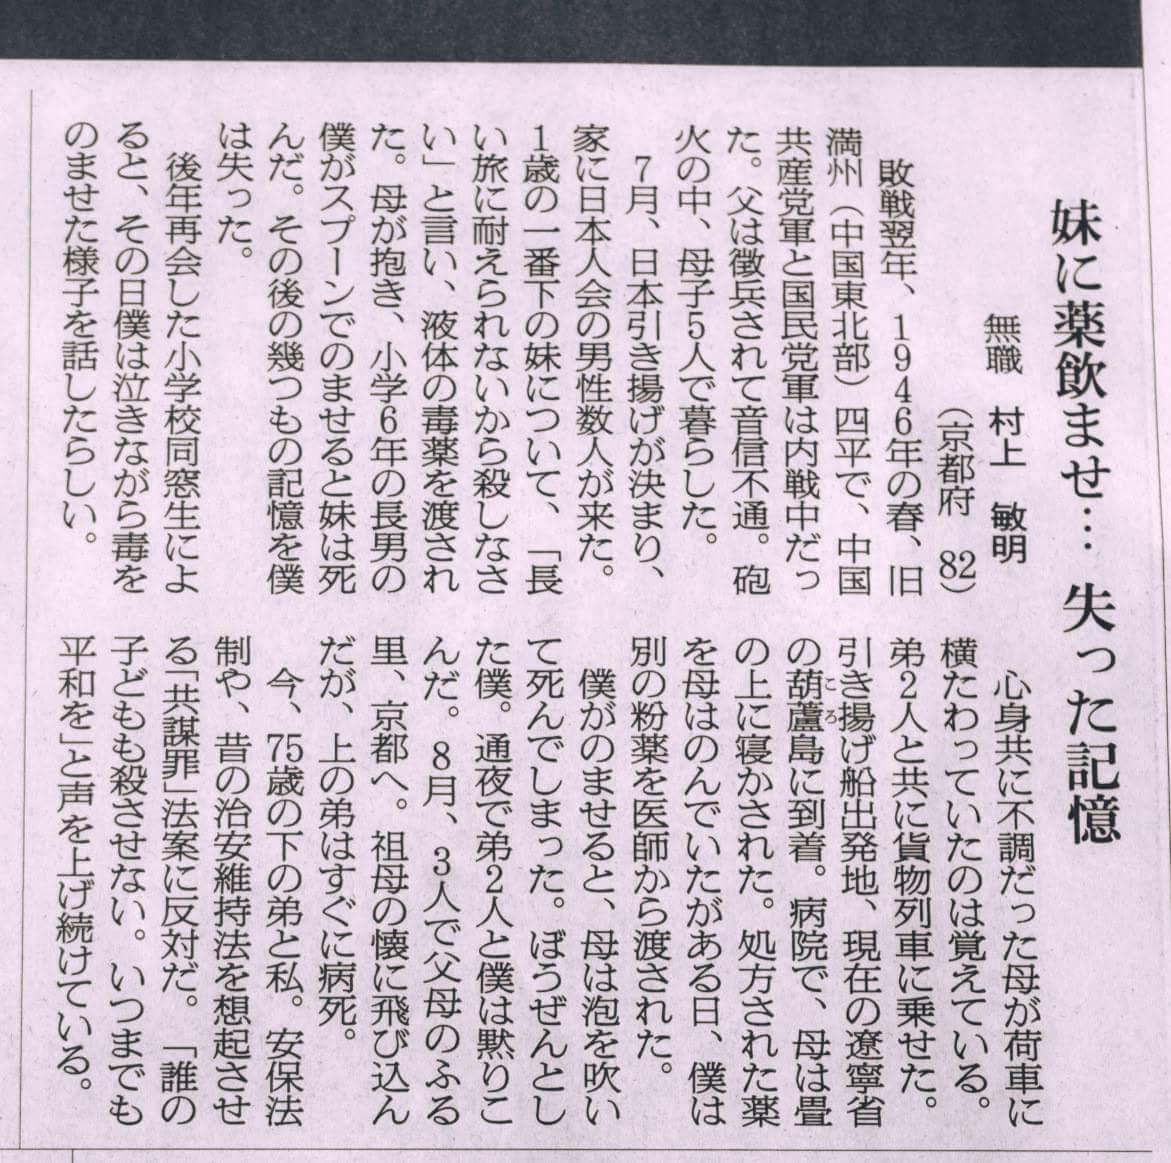 私の知人、村上さんの壮絶な戦争体験が朝日新聞に載った。大阪版(ピンクっぽい方)にはおしまいの5行が掲載されているのに、東京版(白)はまるっと削られている。意図的なものを感じる。ぜひ読んでみてください。